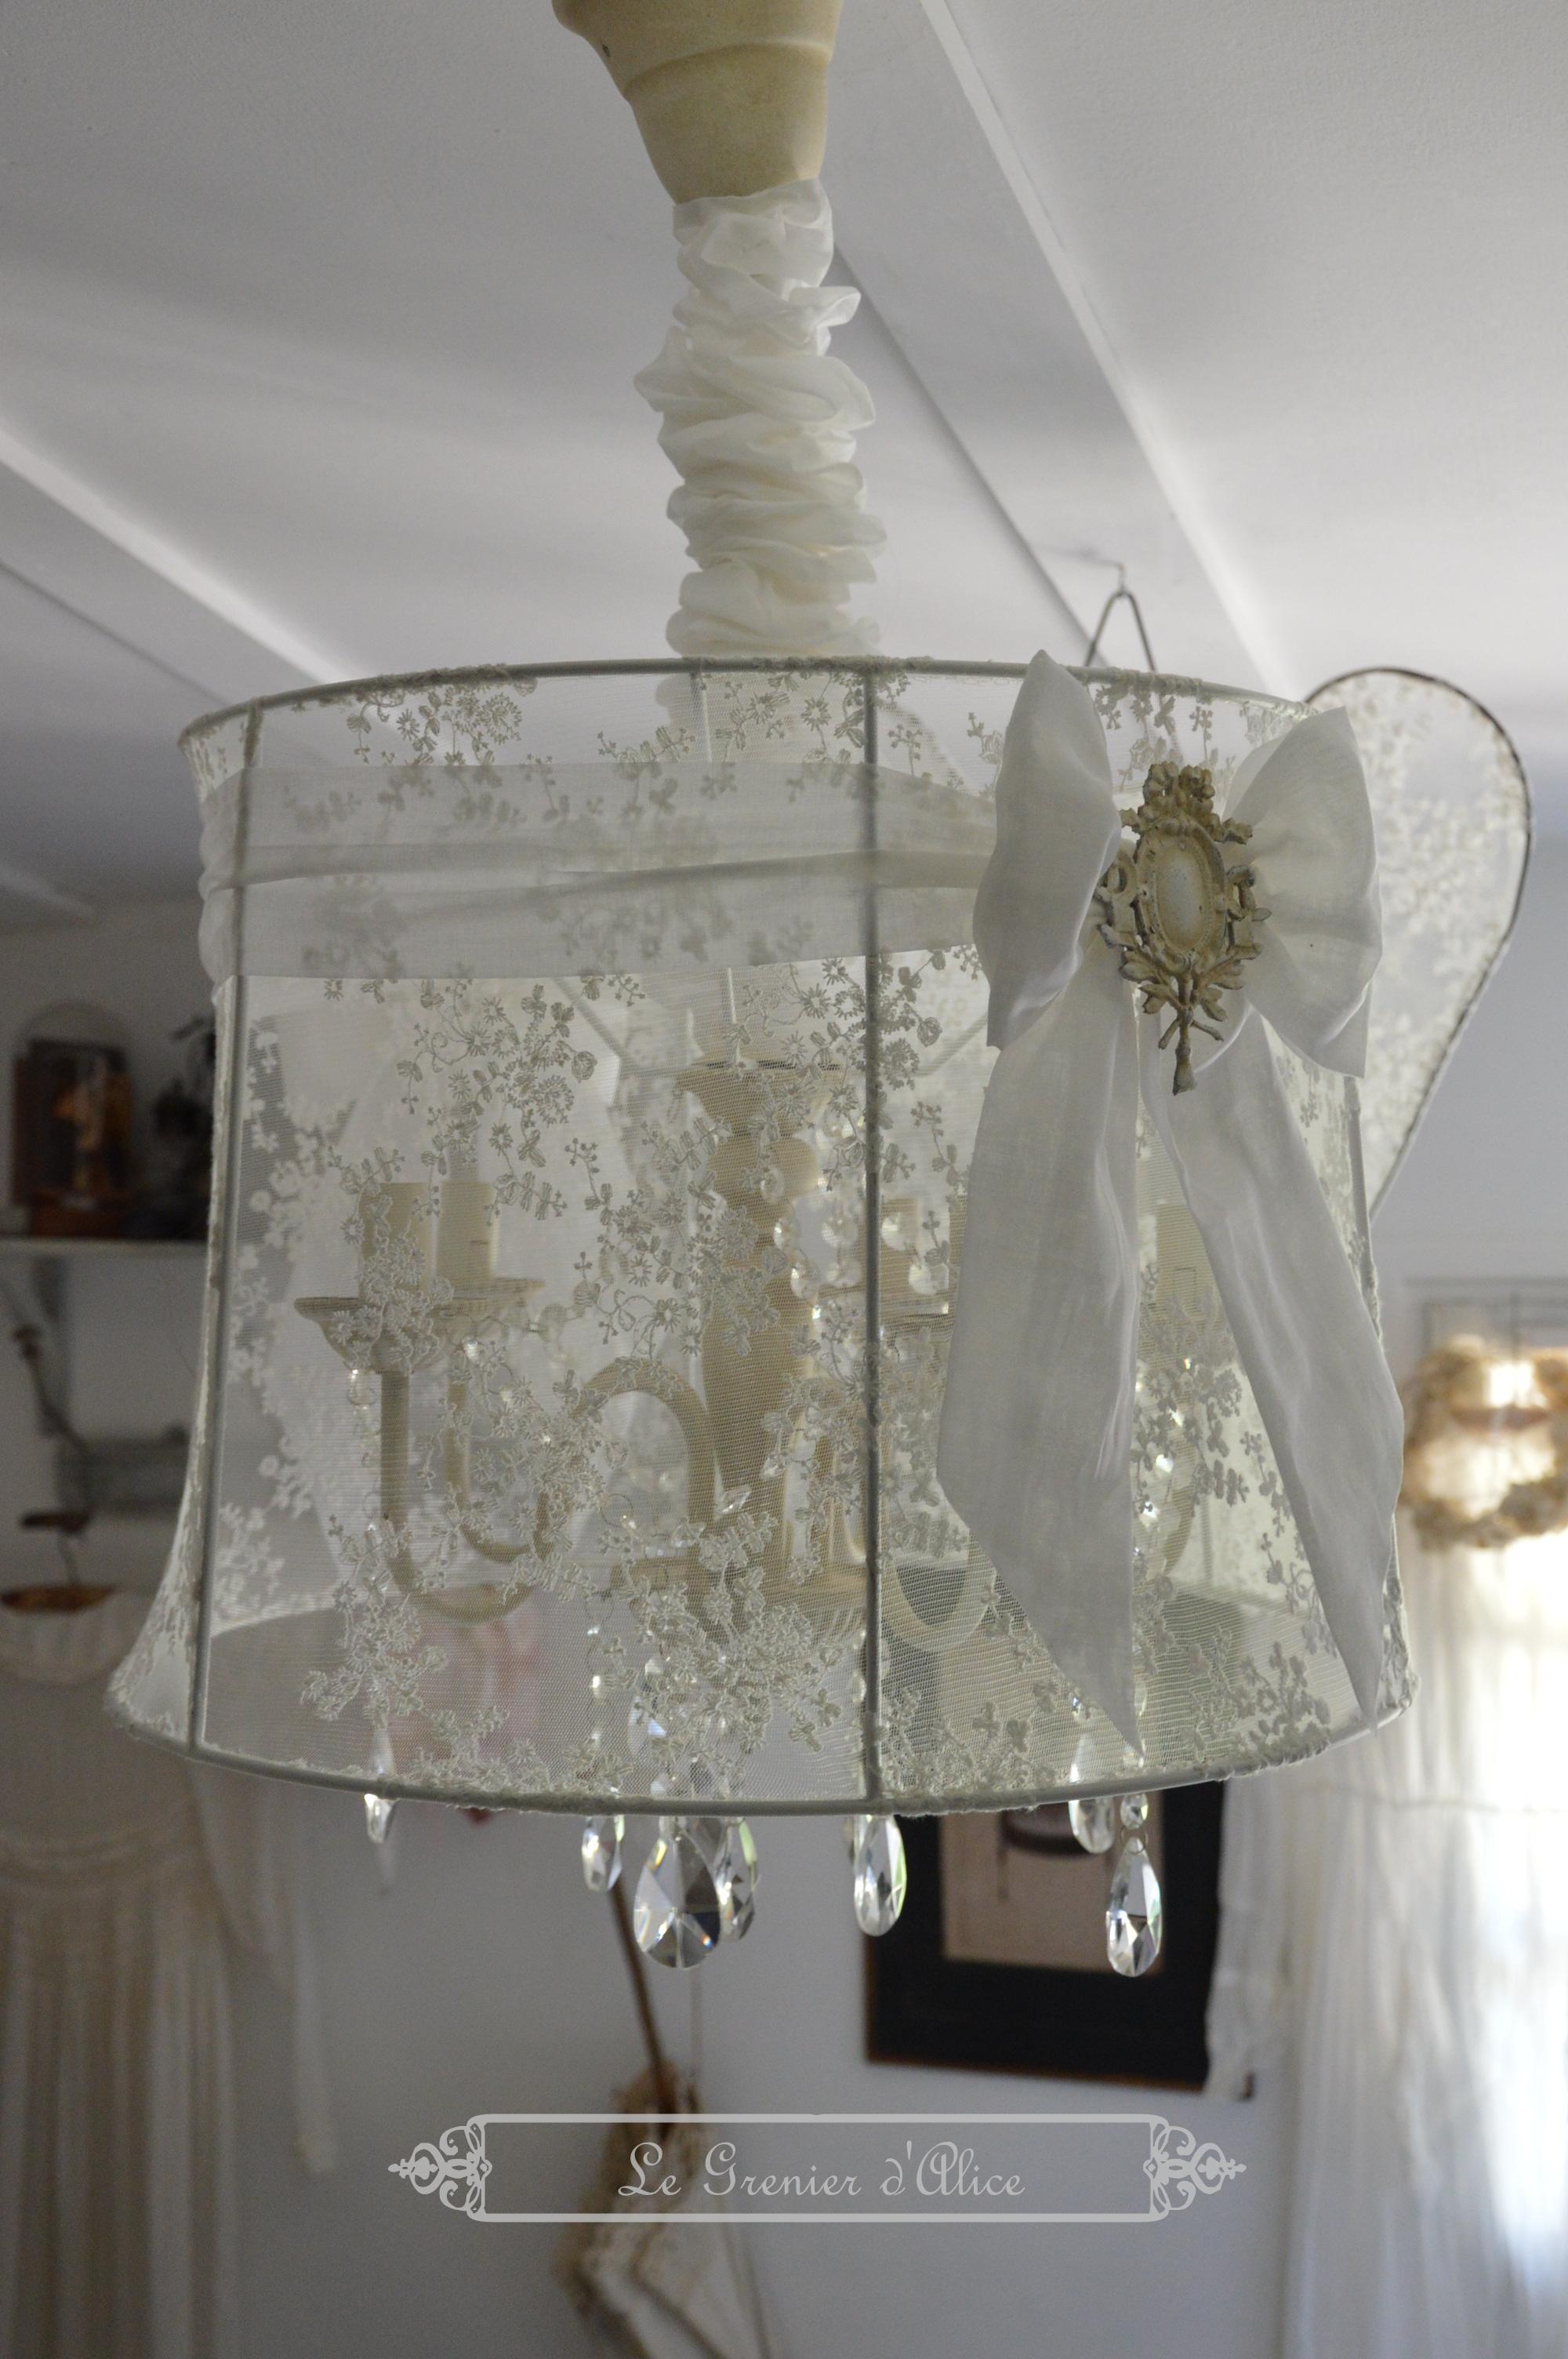 Chambre Style Shabby Romantique le grenier d'alice shabby chic et romantique french decor